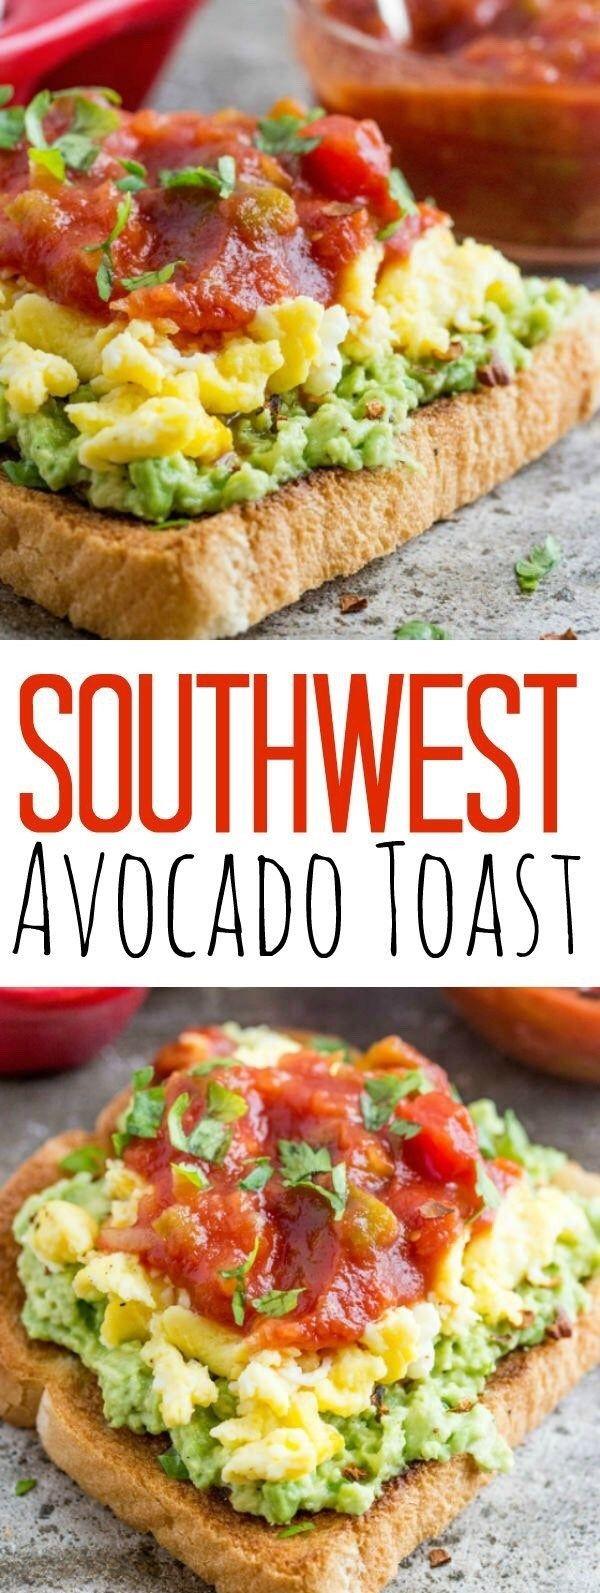 Southwest Avocado Toast images